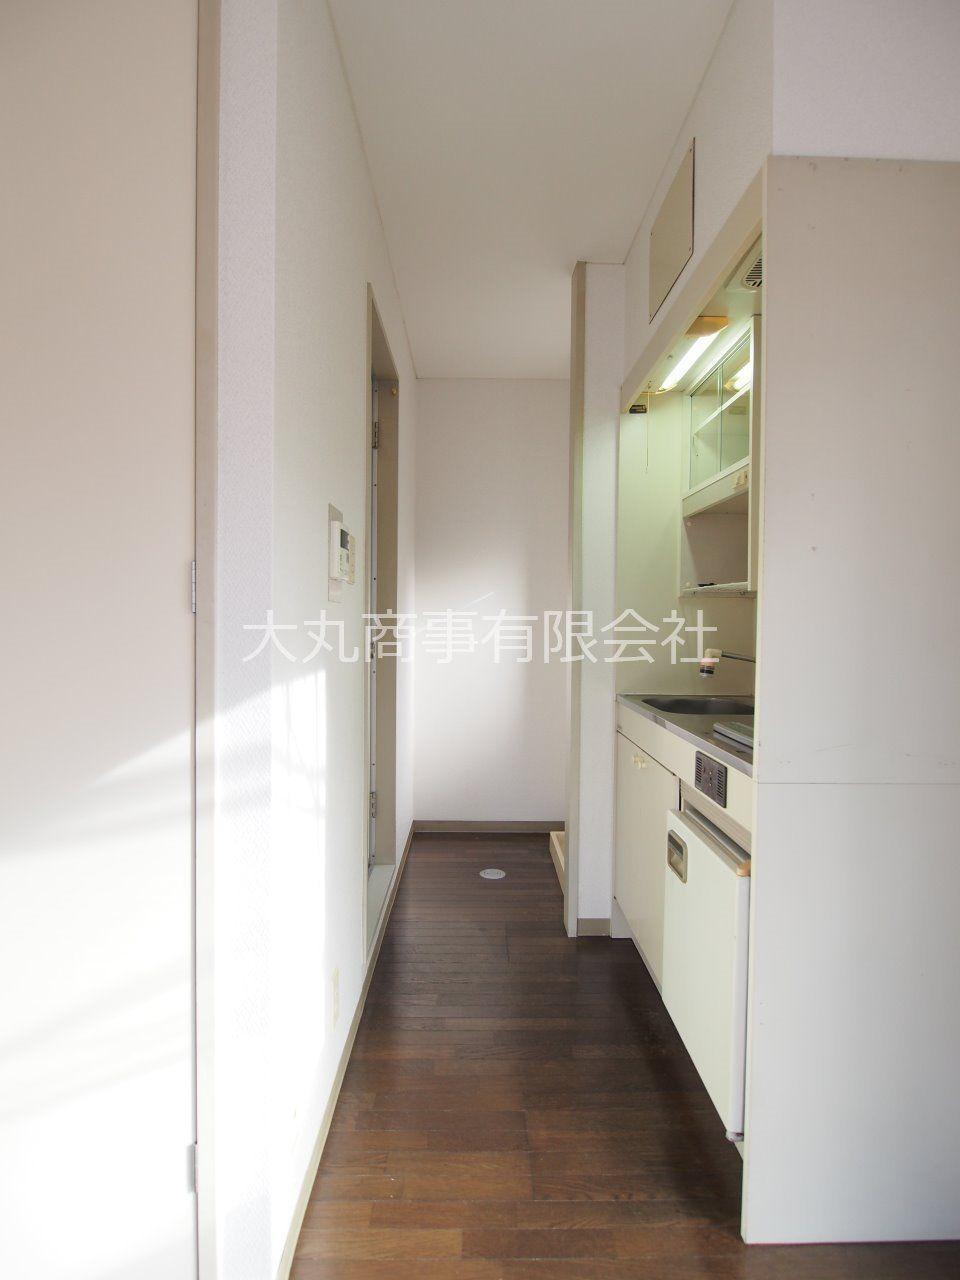 キッチン・浴室・洗濯機置場のある空間